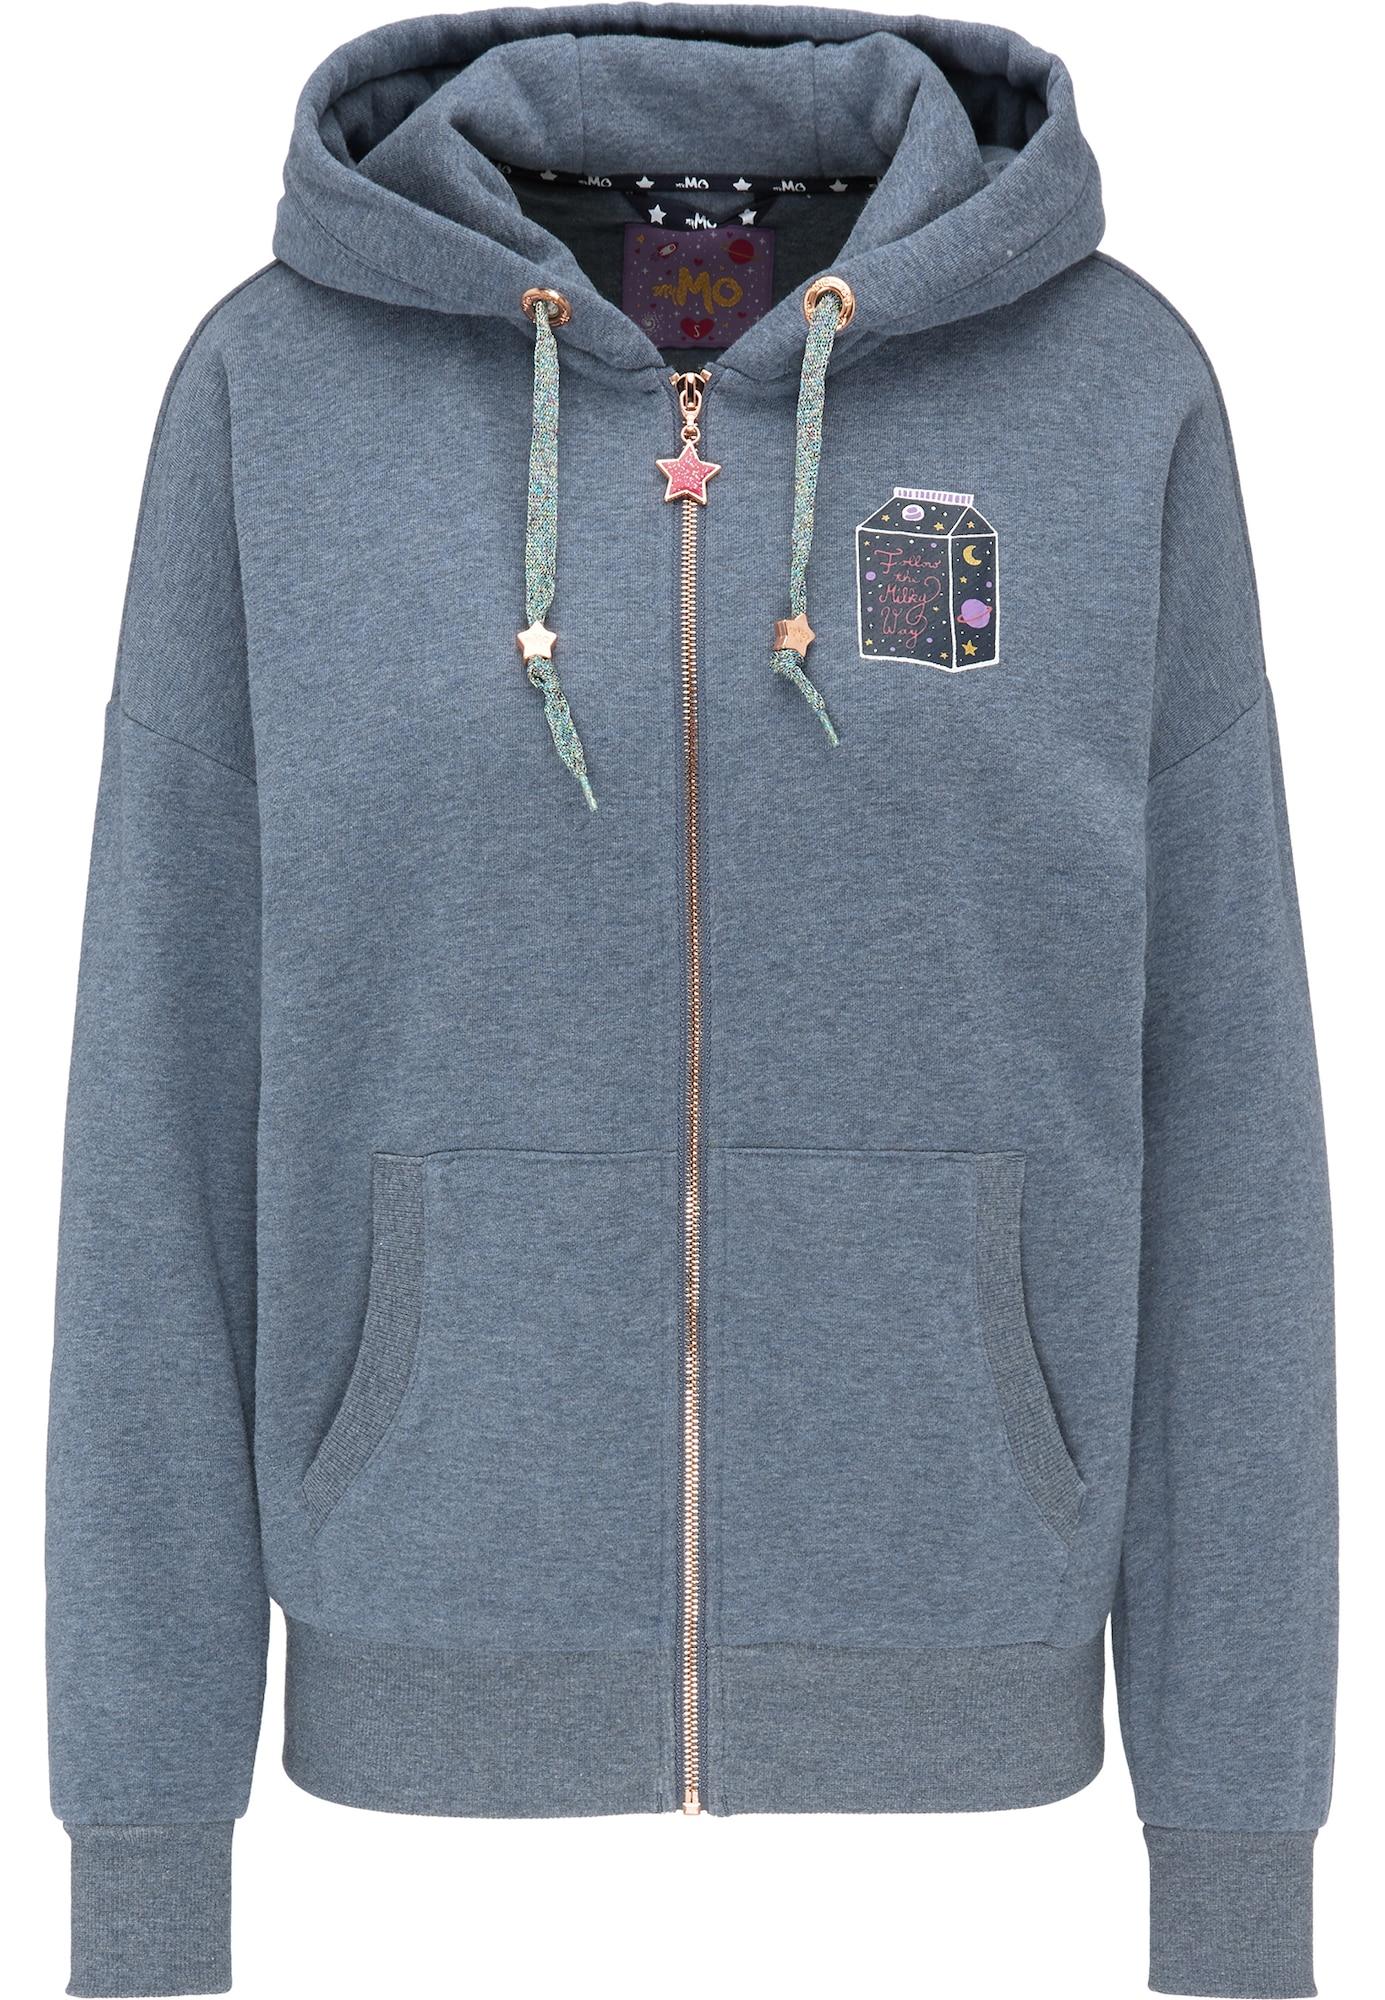 Sweatjacke   Bekleidung > Sweatshirts & -jacken   MYMO